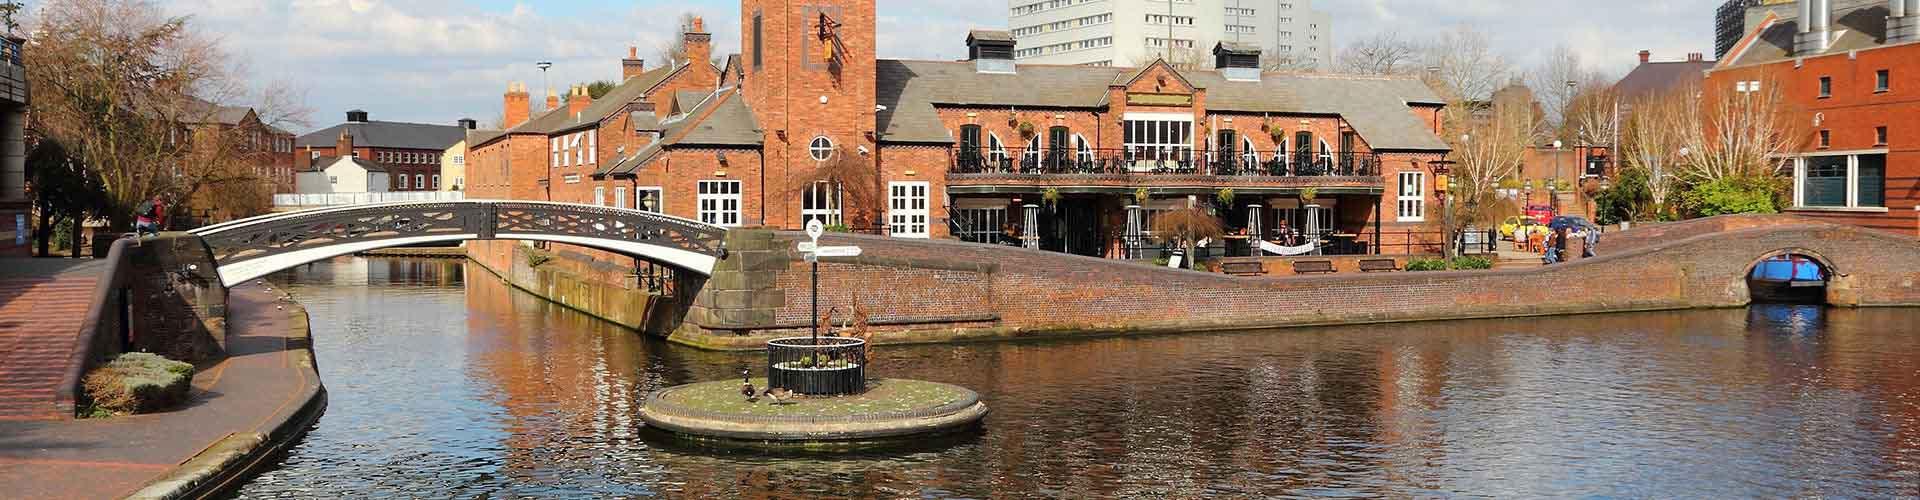 Birmingham - Hôtels dans le quartier de Yardley. Cartes pour Birmingham, photos et commentaires pour chaque hôtel à Birmingham.